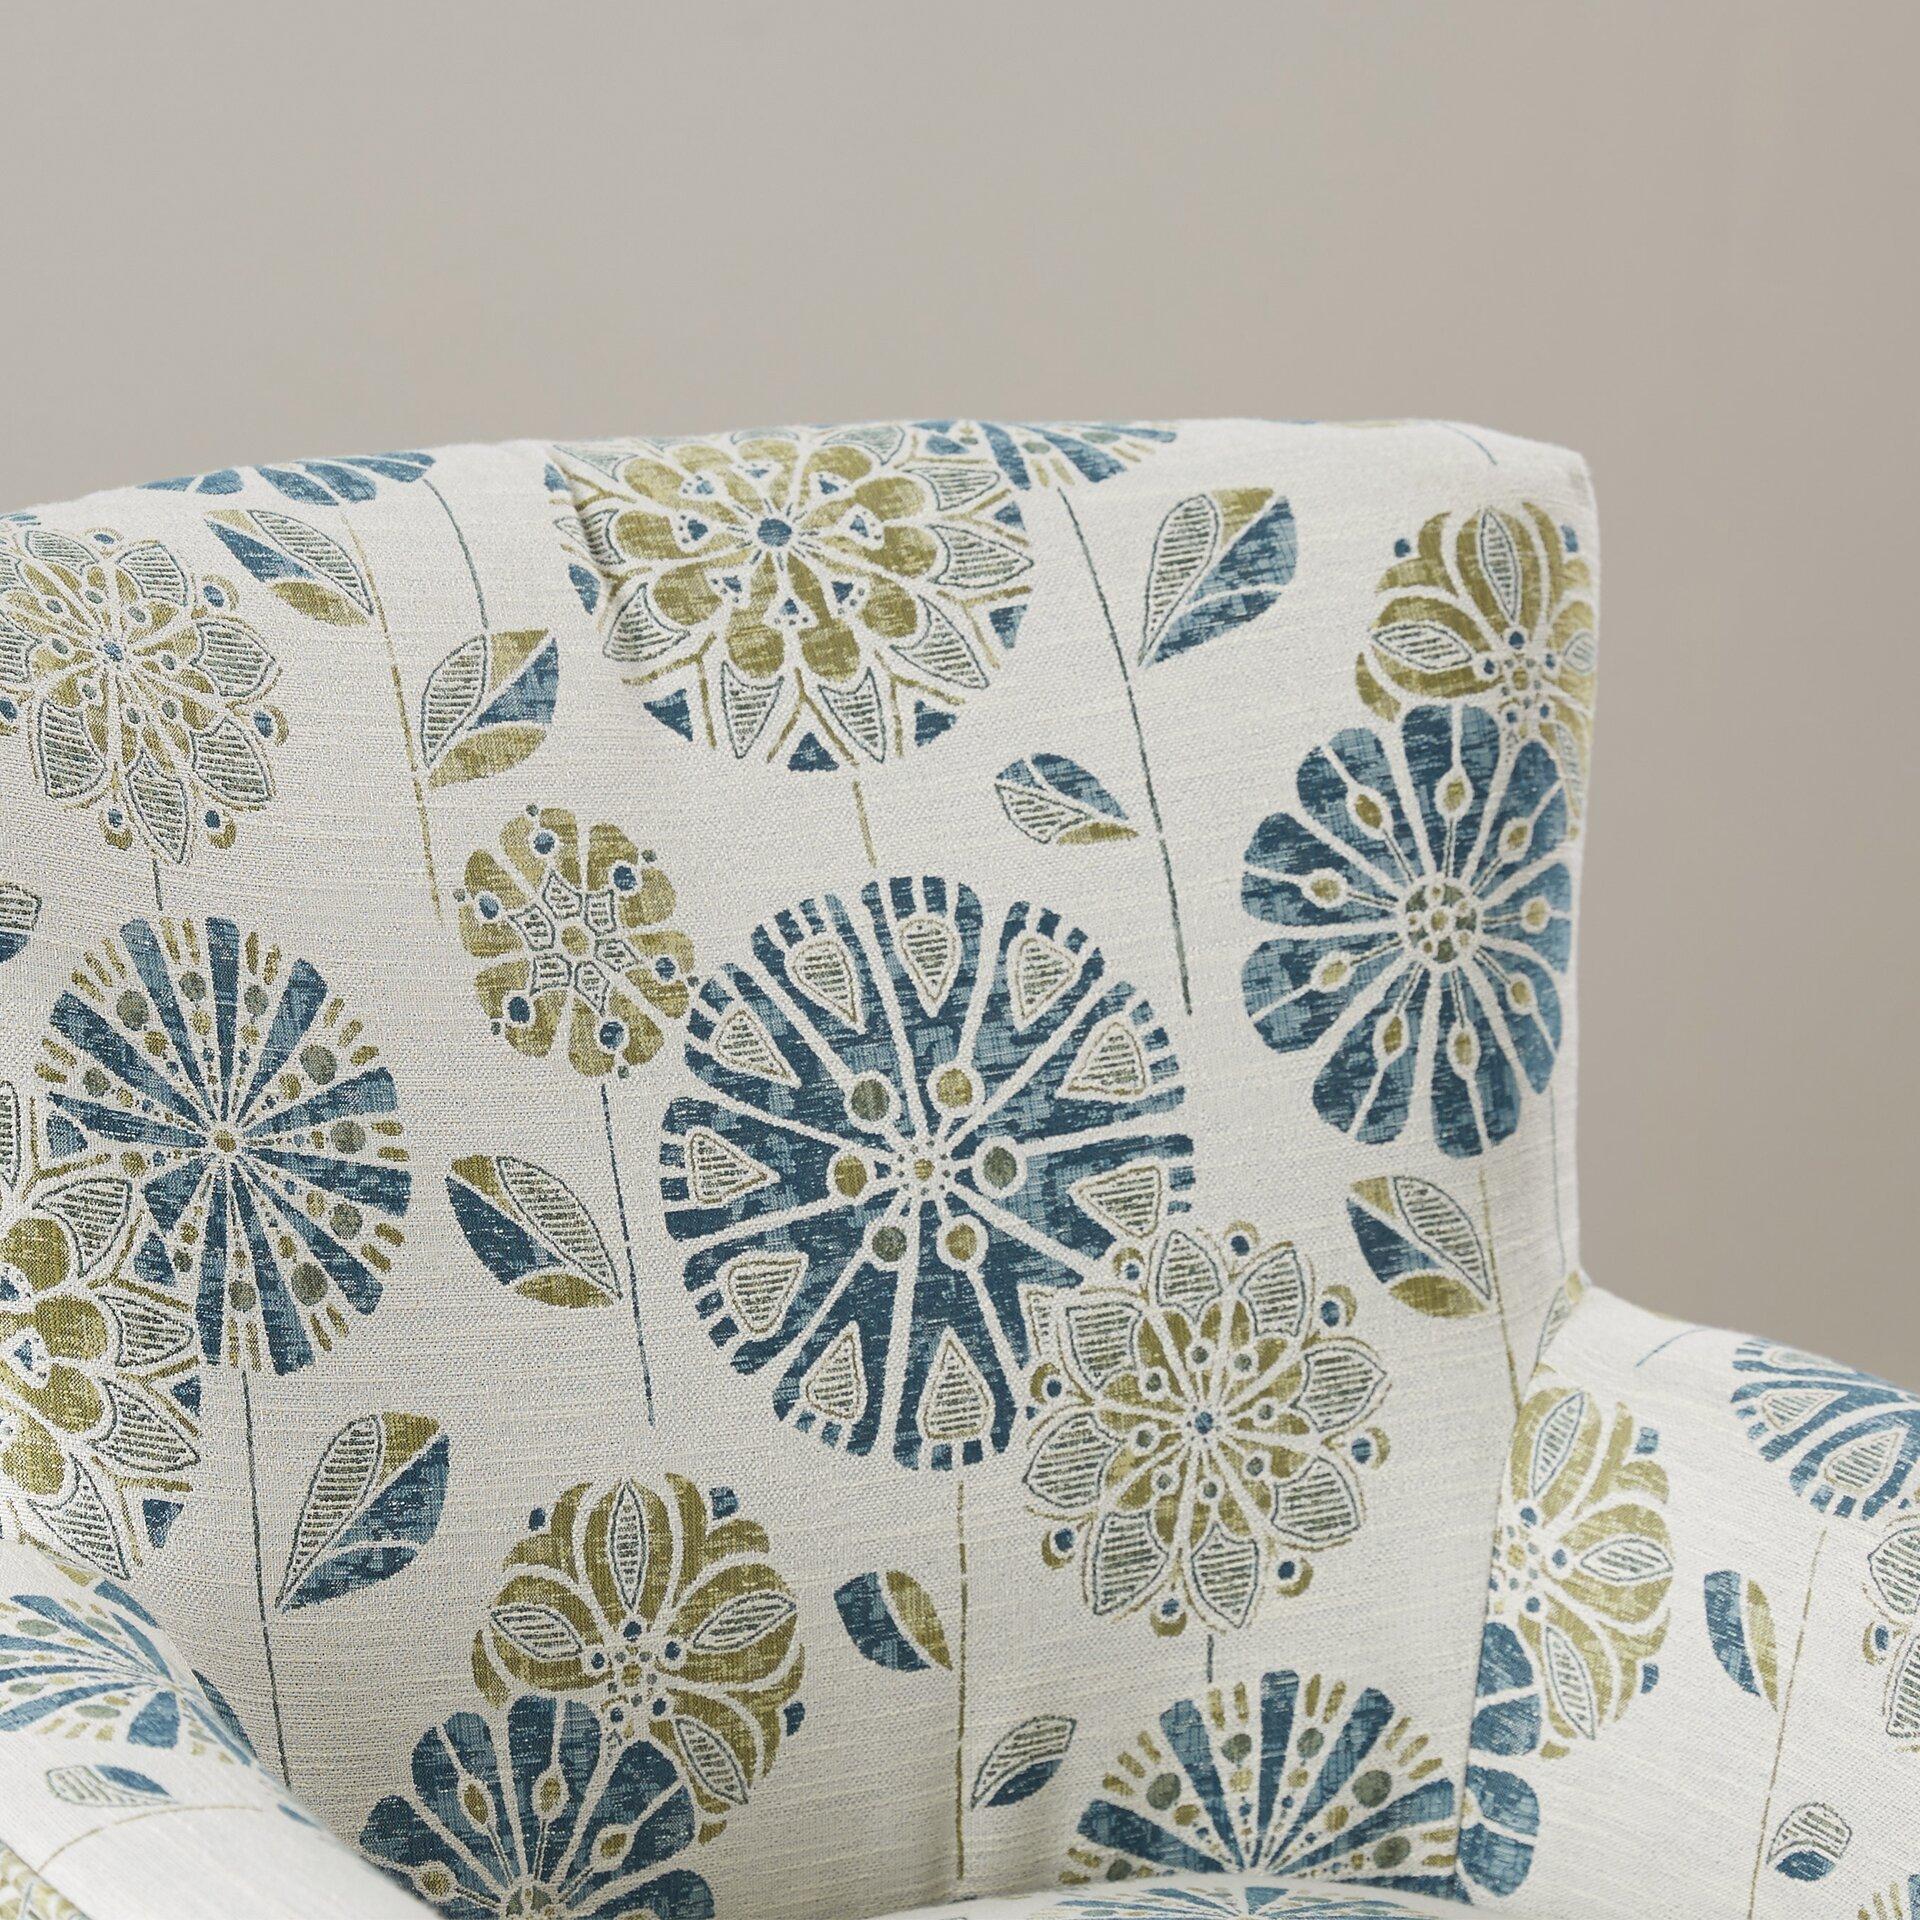 Florette Arm Chair Amp Reviews Joss Amp Main